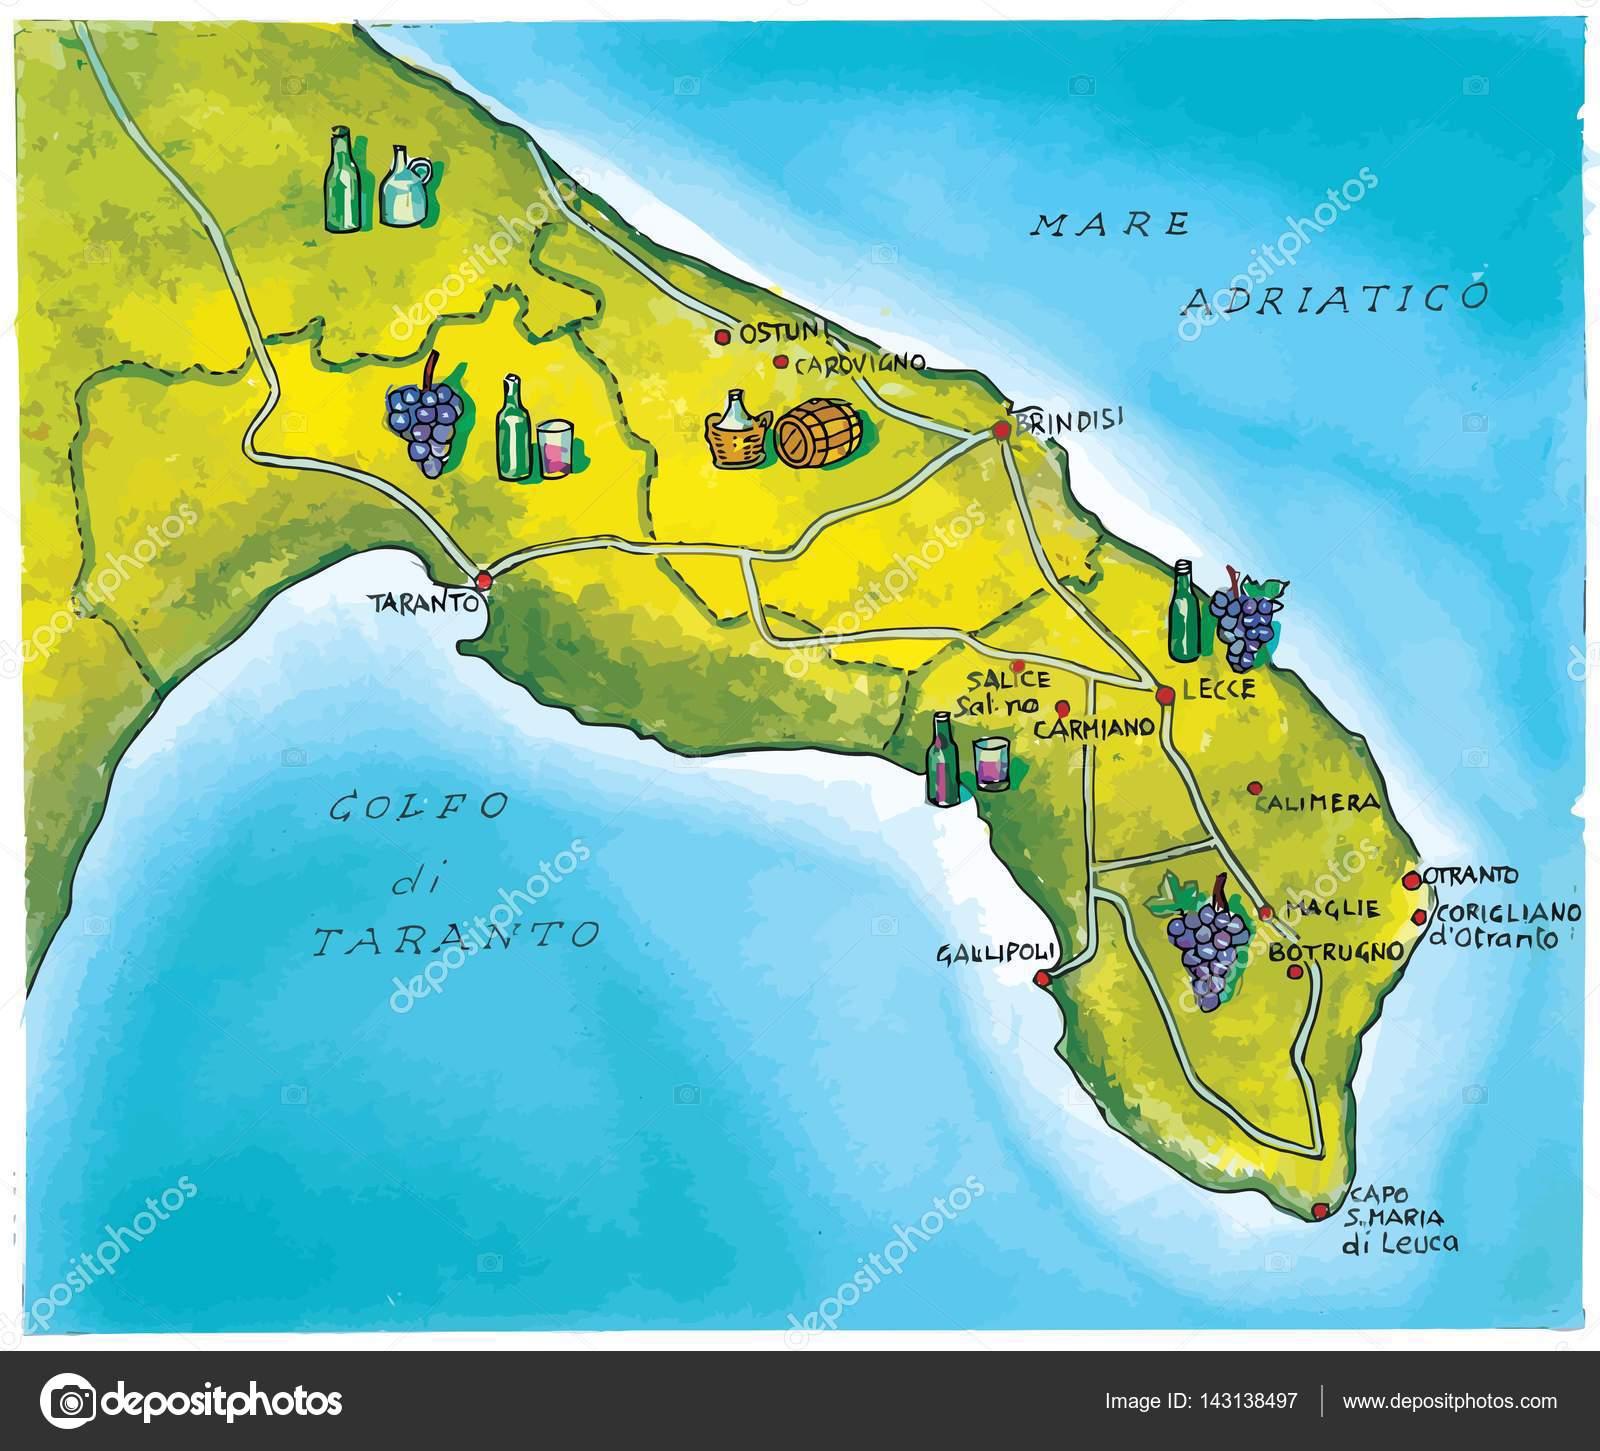 Cartina Puglia Carovigno.Cartina Geografica Della Gastronomia Locale Della Regione